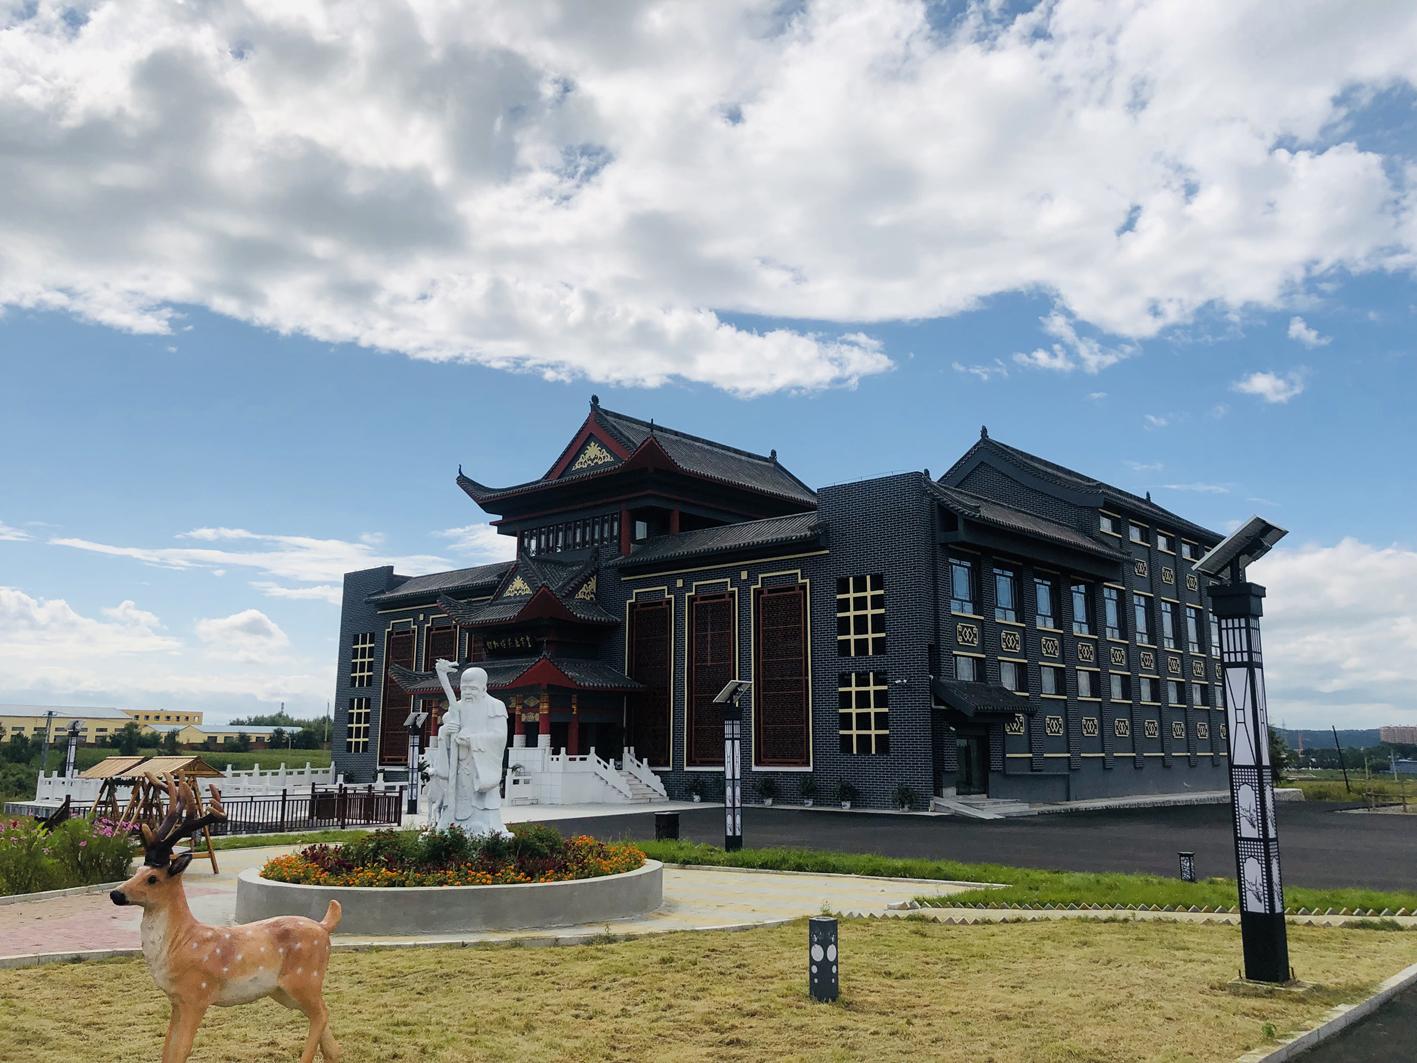 梅花鹿博物馆